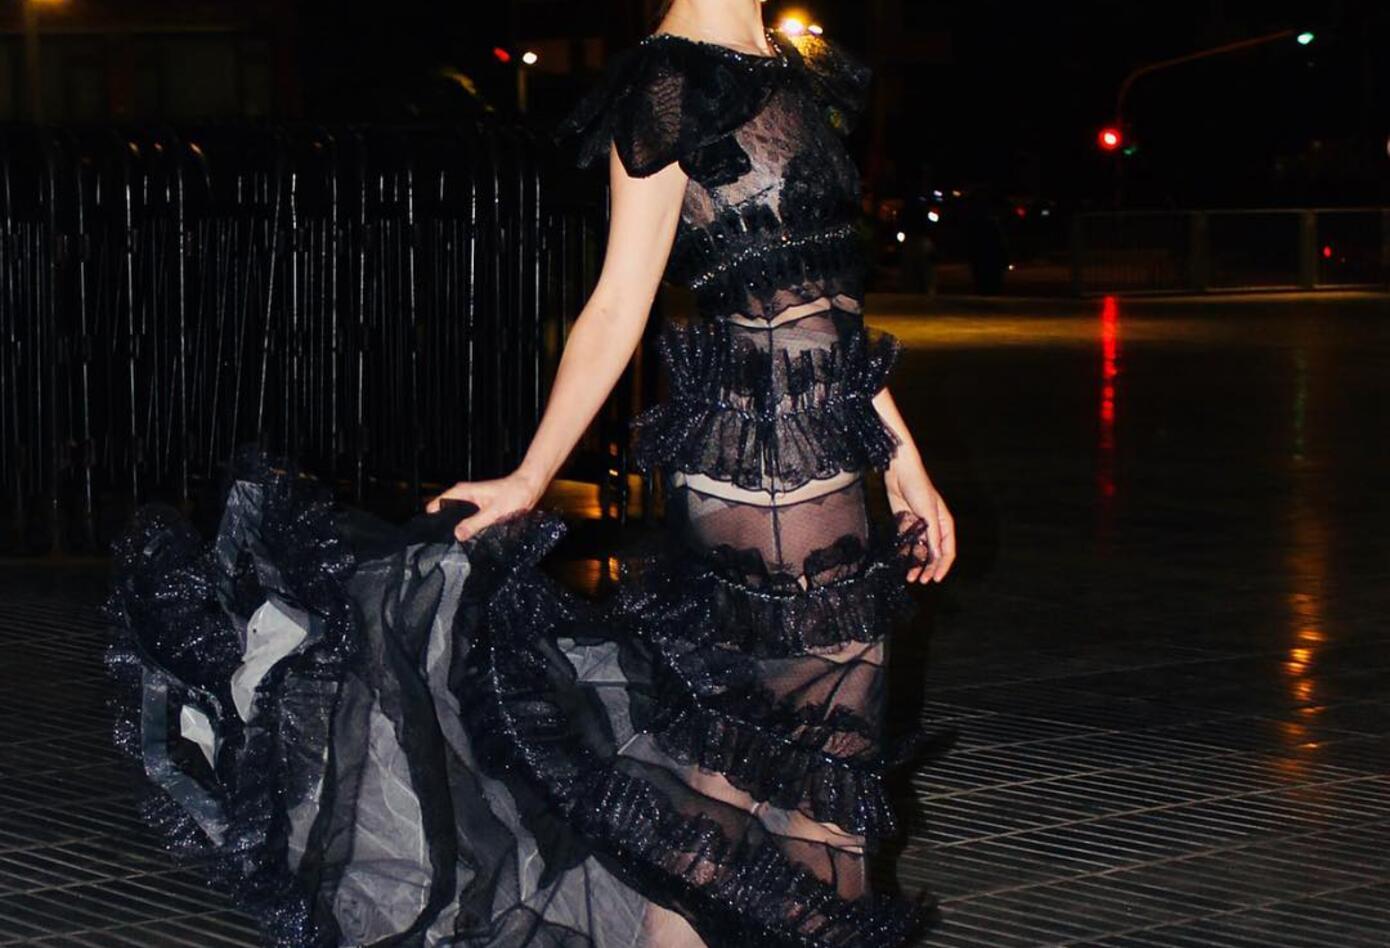 Su carrera empezó con el modelaje cuando apenas tenía 10 años de la mano del reconocido diseñador colombiano Ángel Yáñez.